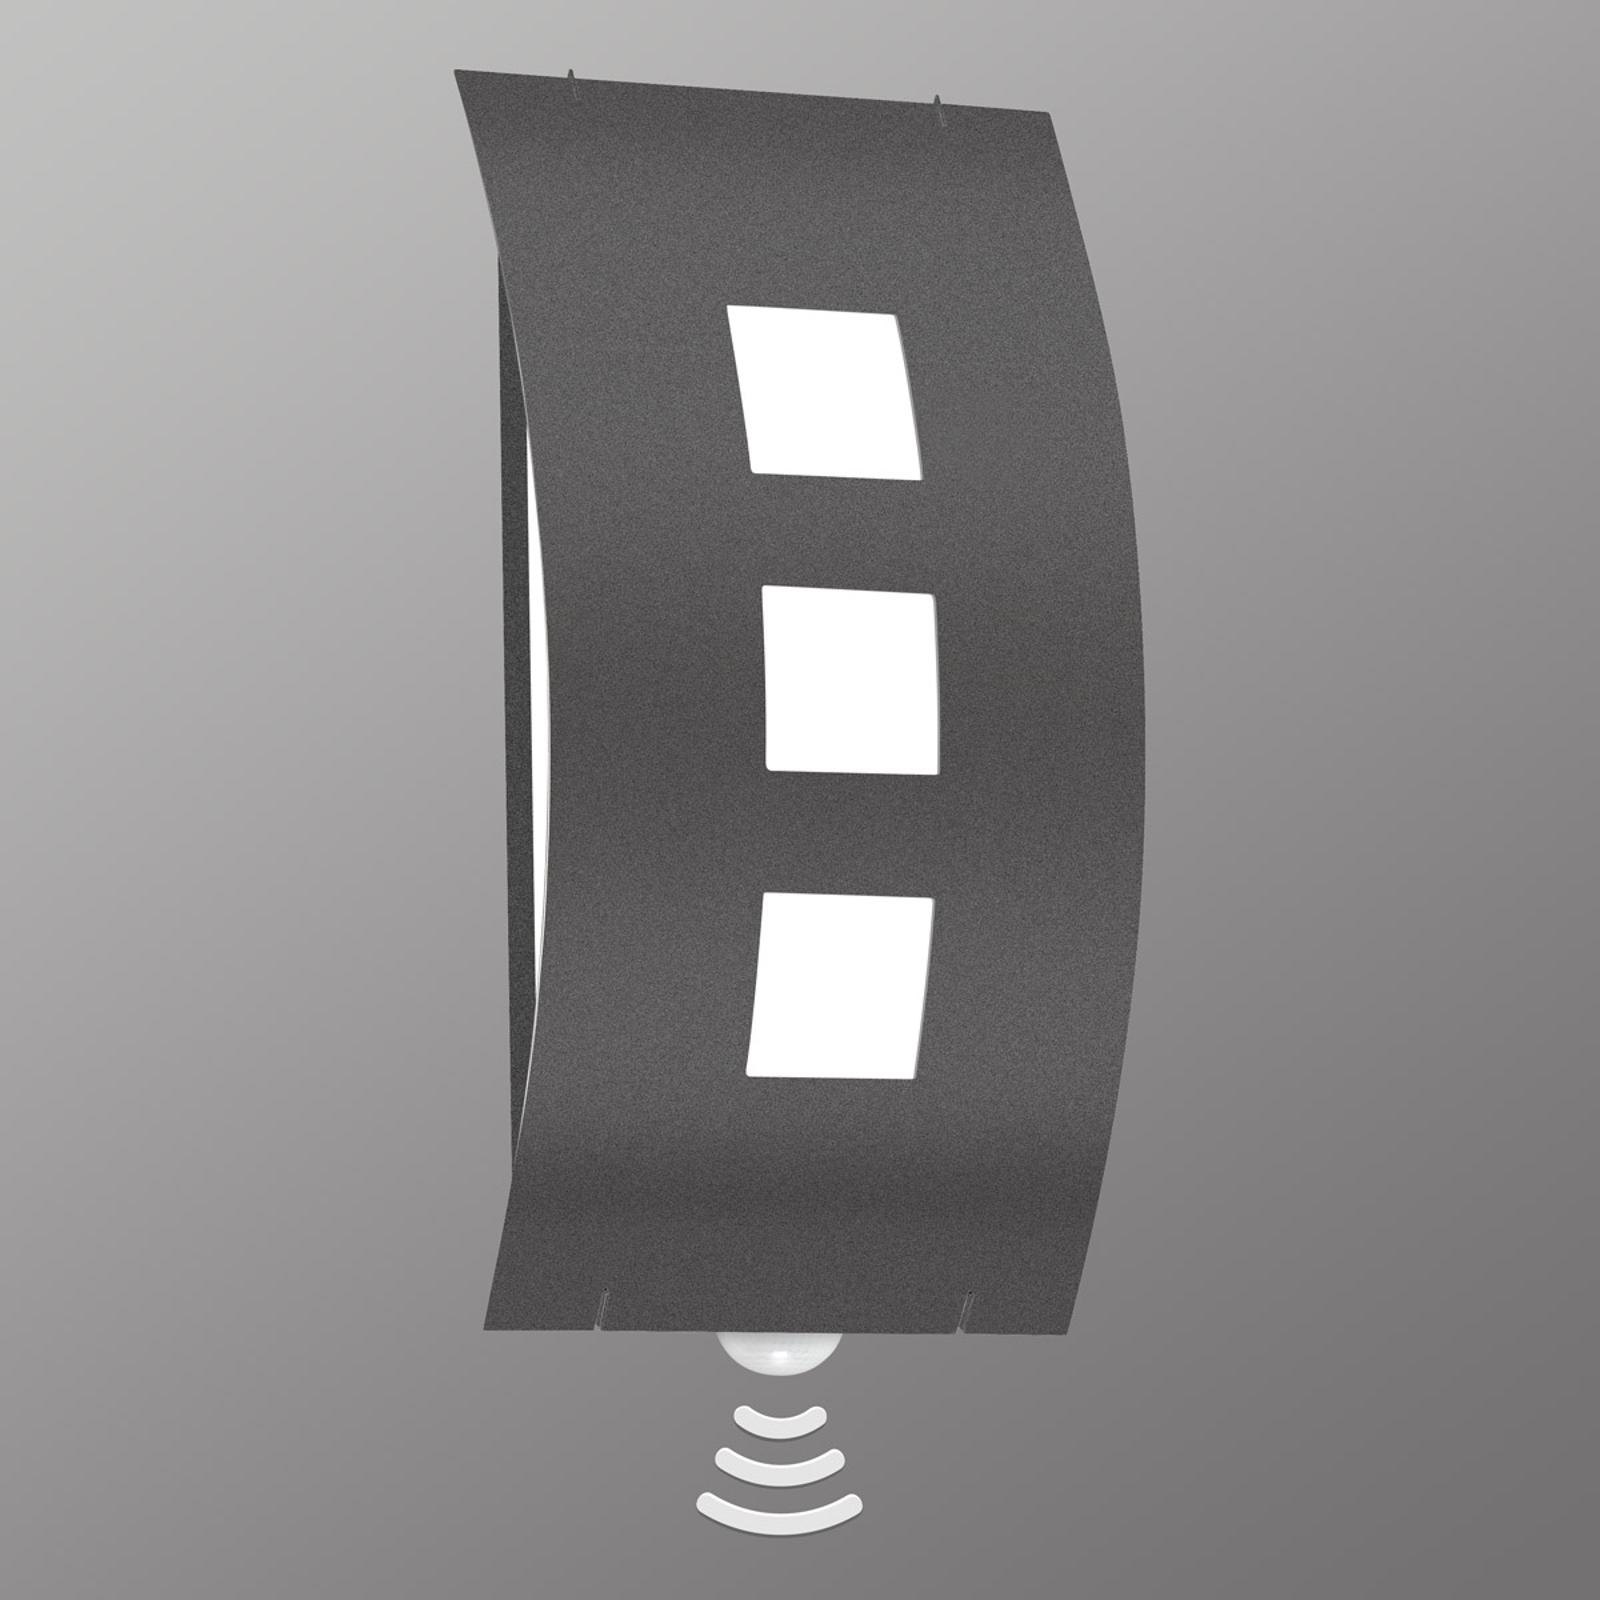 Enkel Graal udendørs væglampe med sensor